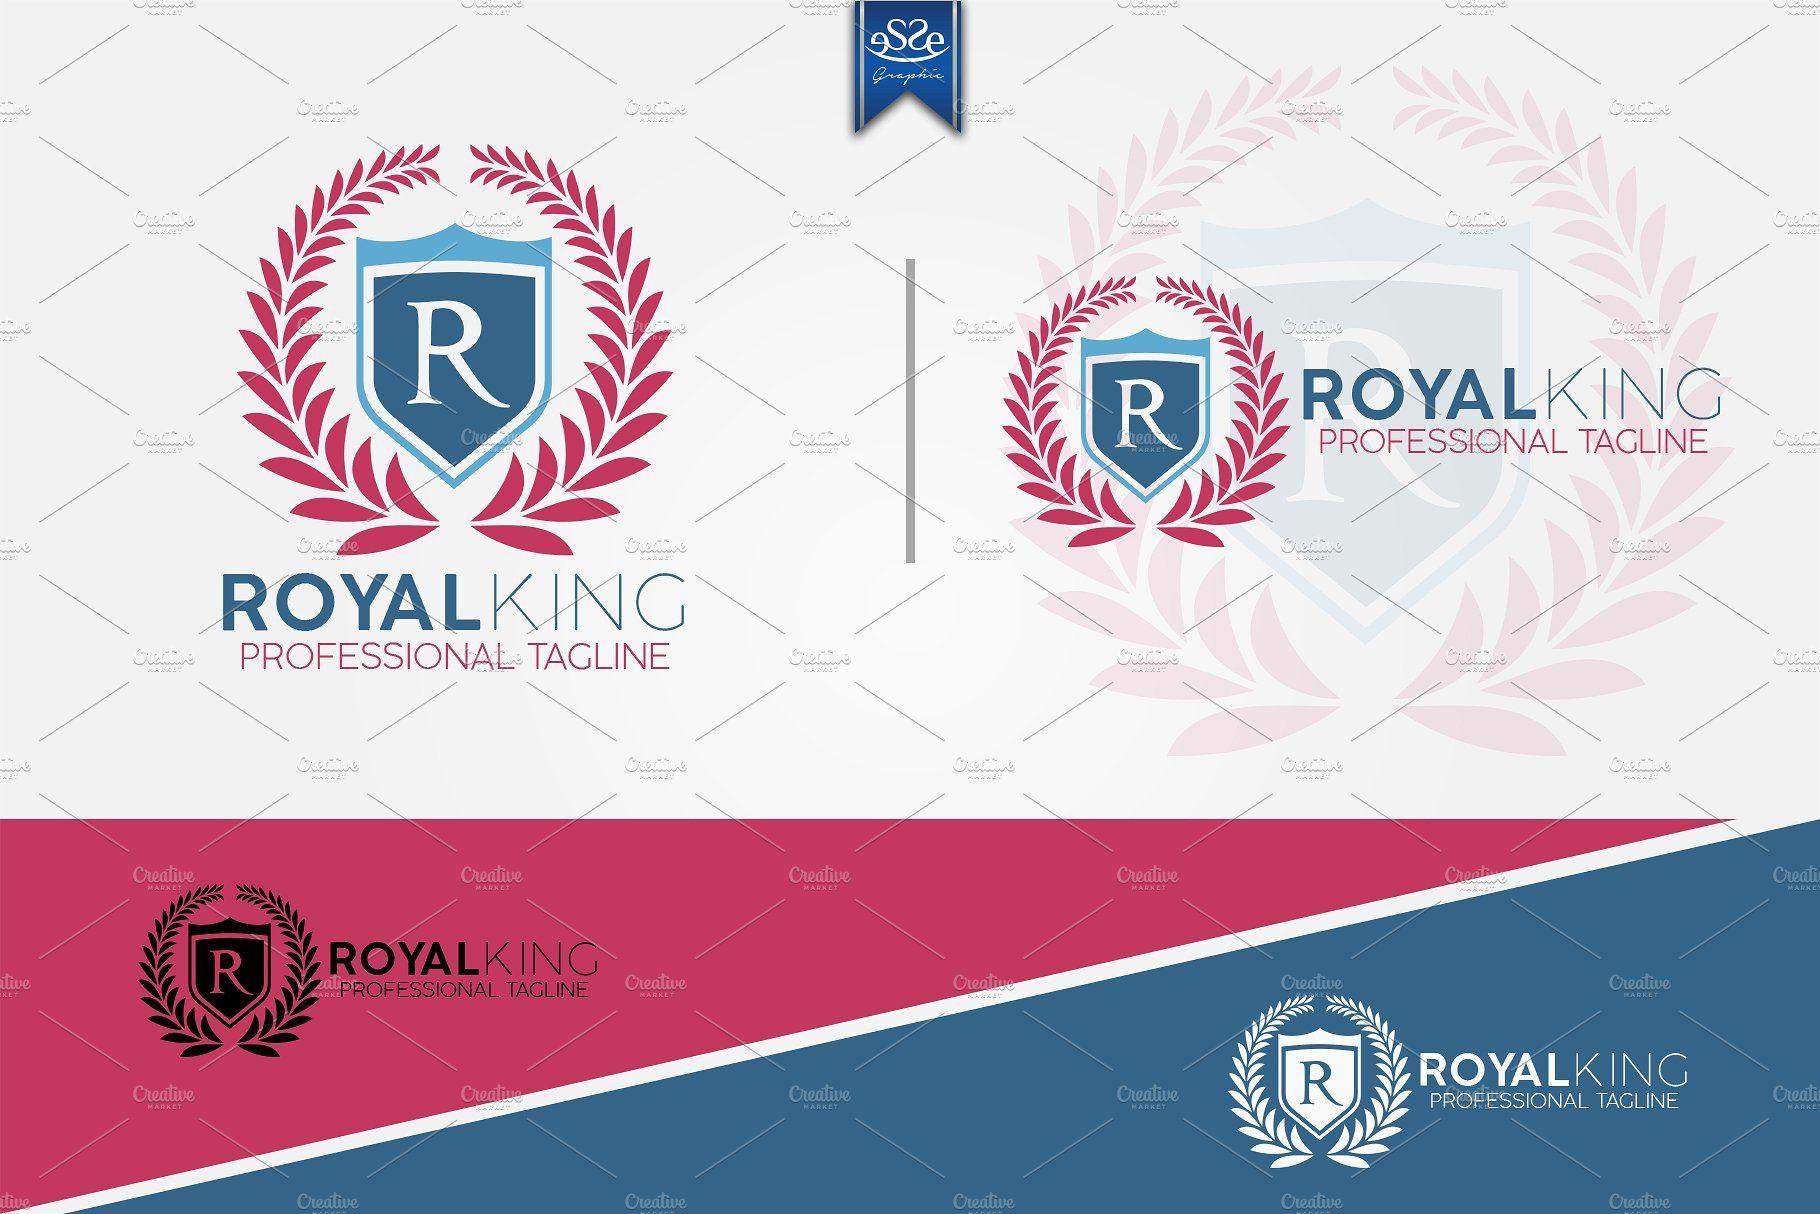 Royal King Vintage Letter R Logo With Images Vintage Lettering